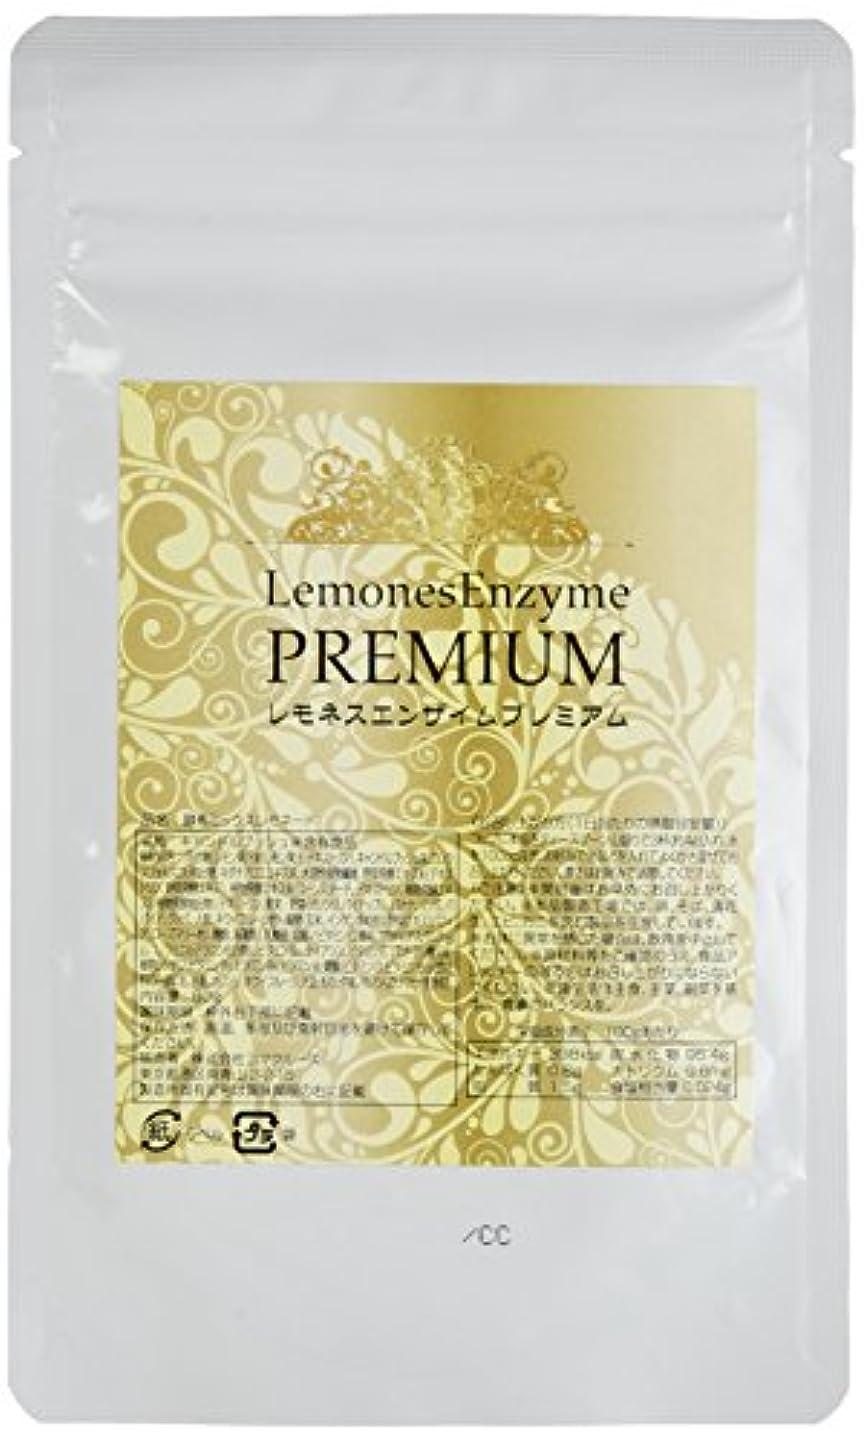 法医学謙虚ハードウェアLemones Enzyme PREMIUM(レモネスエンザイムプレミアム)